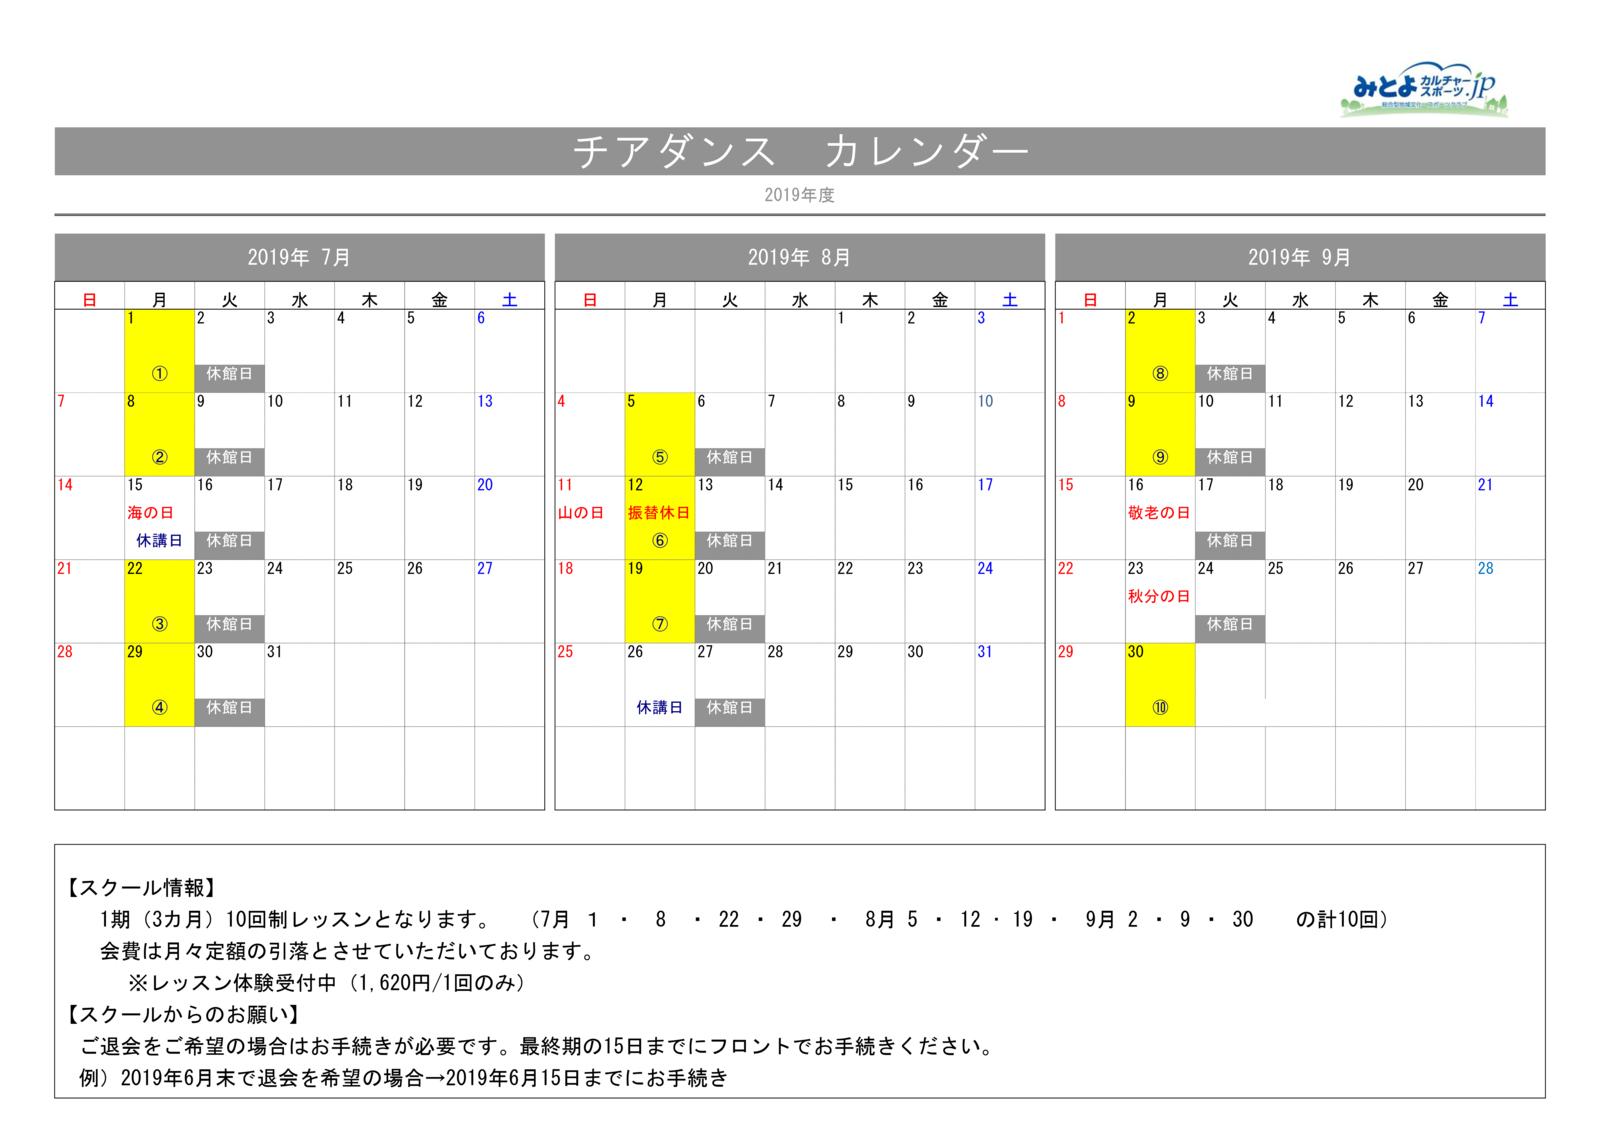 【チアダンス】カレンダー7・8・9月のサムネイル